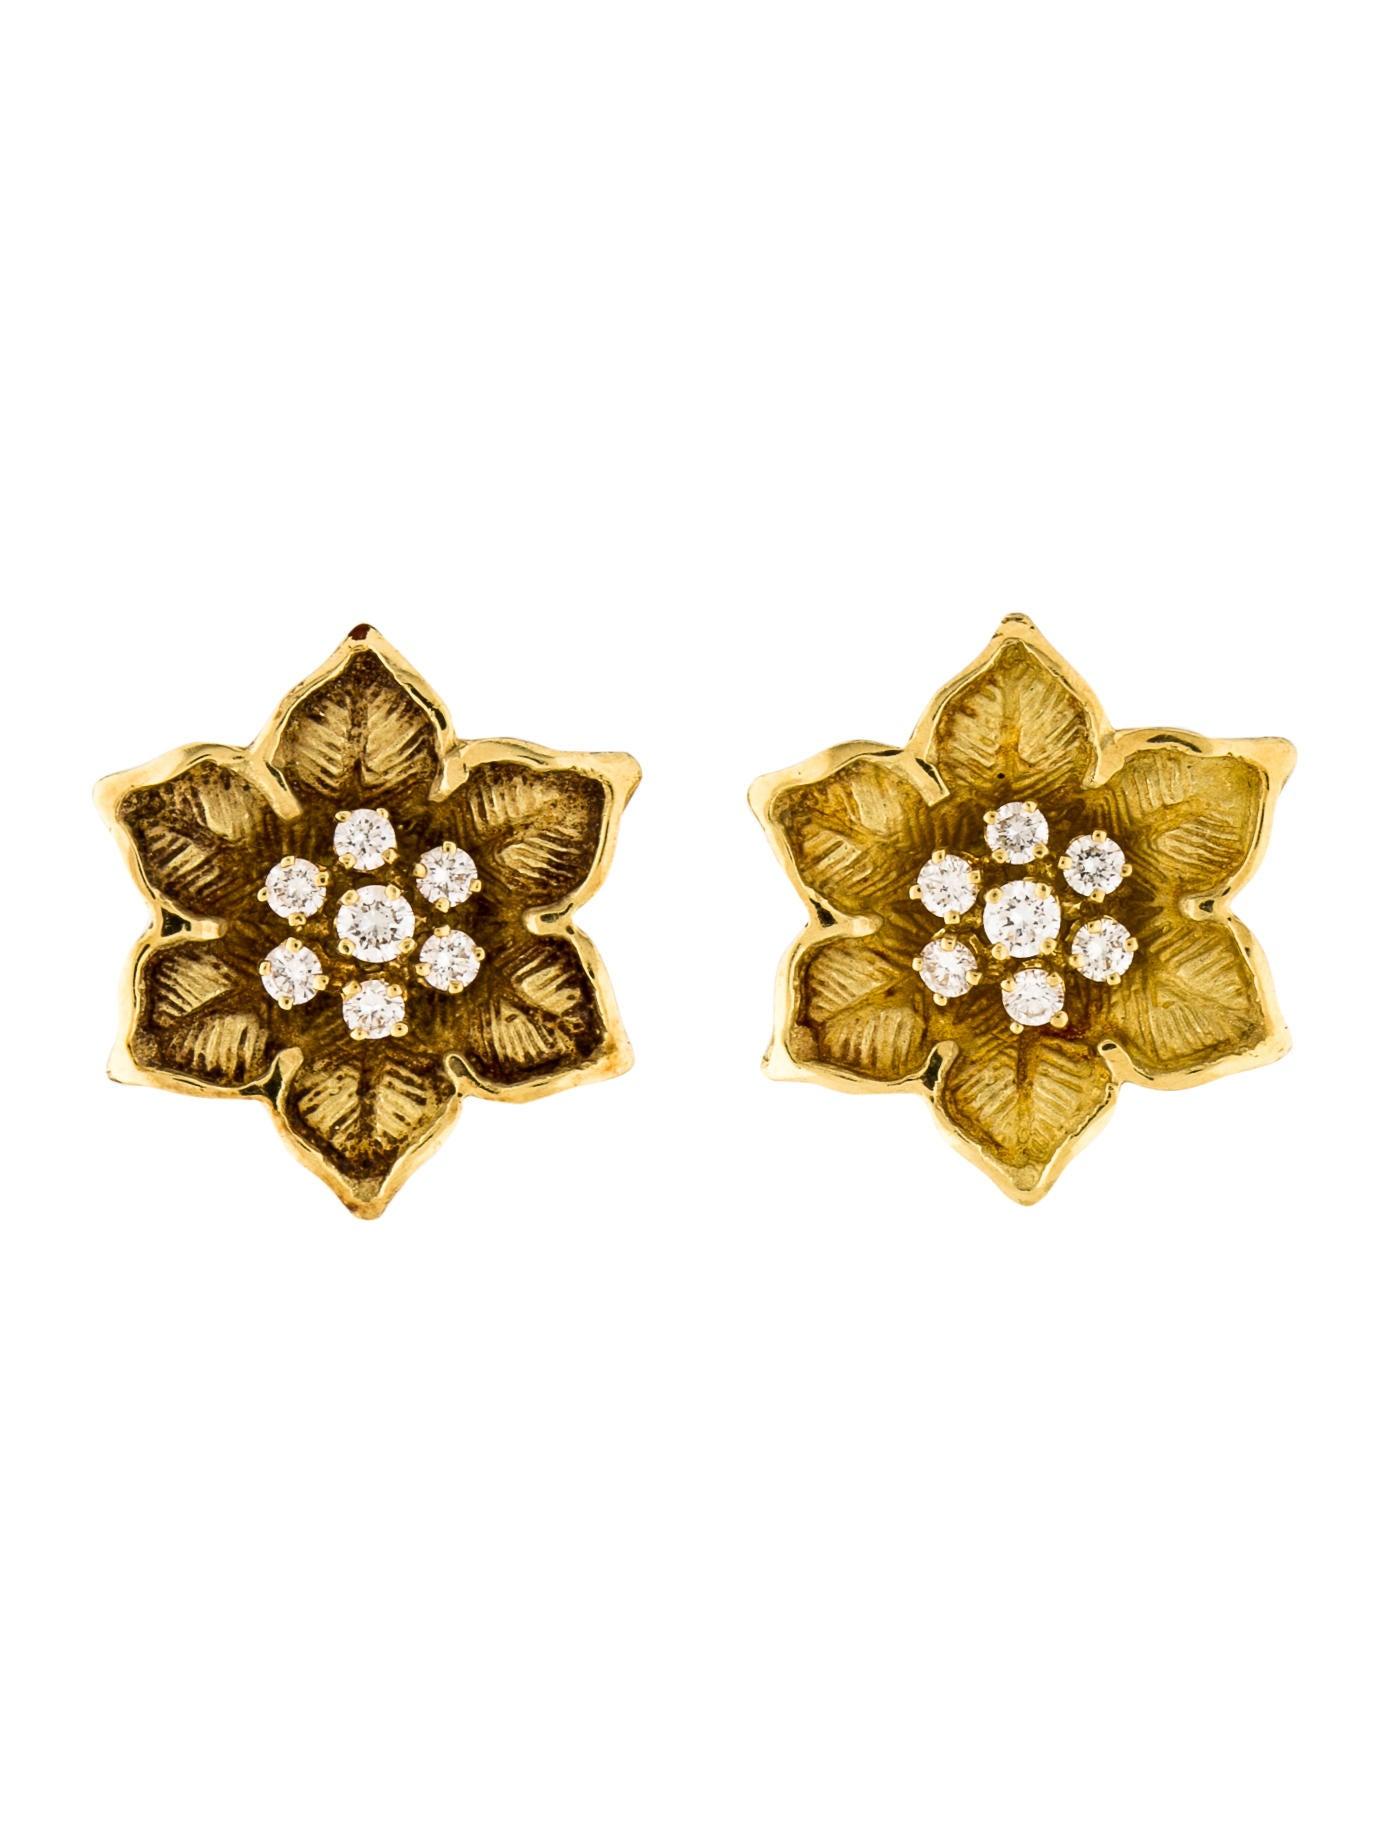 18k Diamond Flower Earrings  Earrings  Earri36356  The. Prize Jewellery Medallion. Inflow Inflowcomponent Medallion. Blue Medallion. Miraculous Medal Medallion. Symbol Medallion. Costume Medallion. Kid Medallion. Runes Medallion